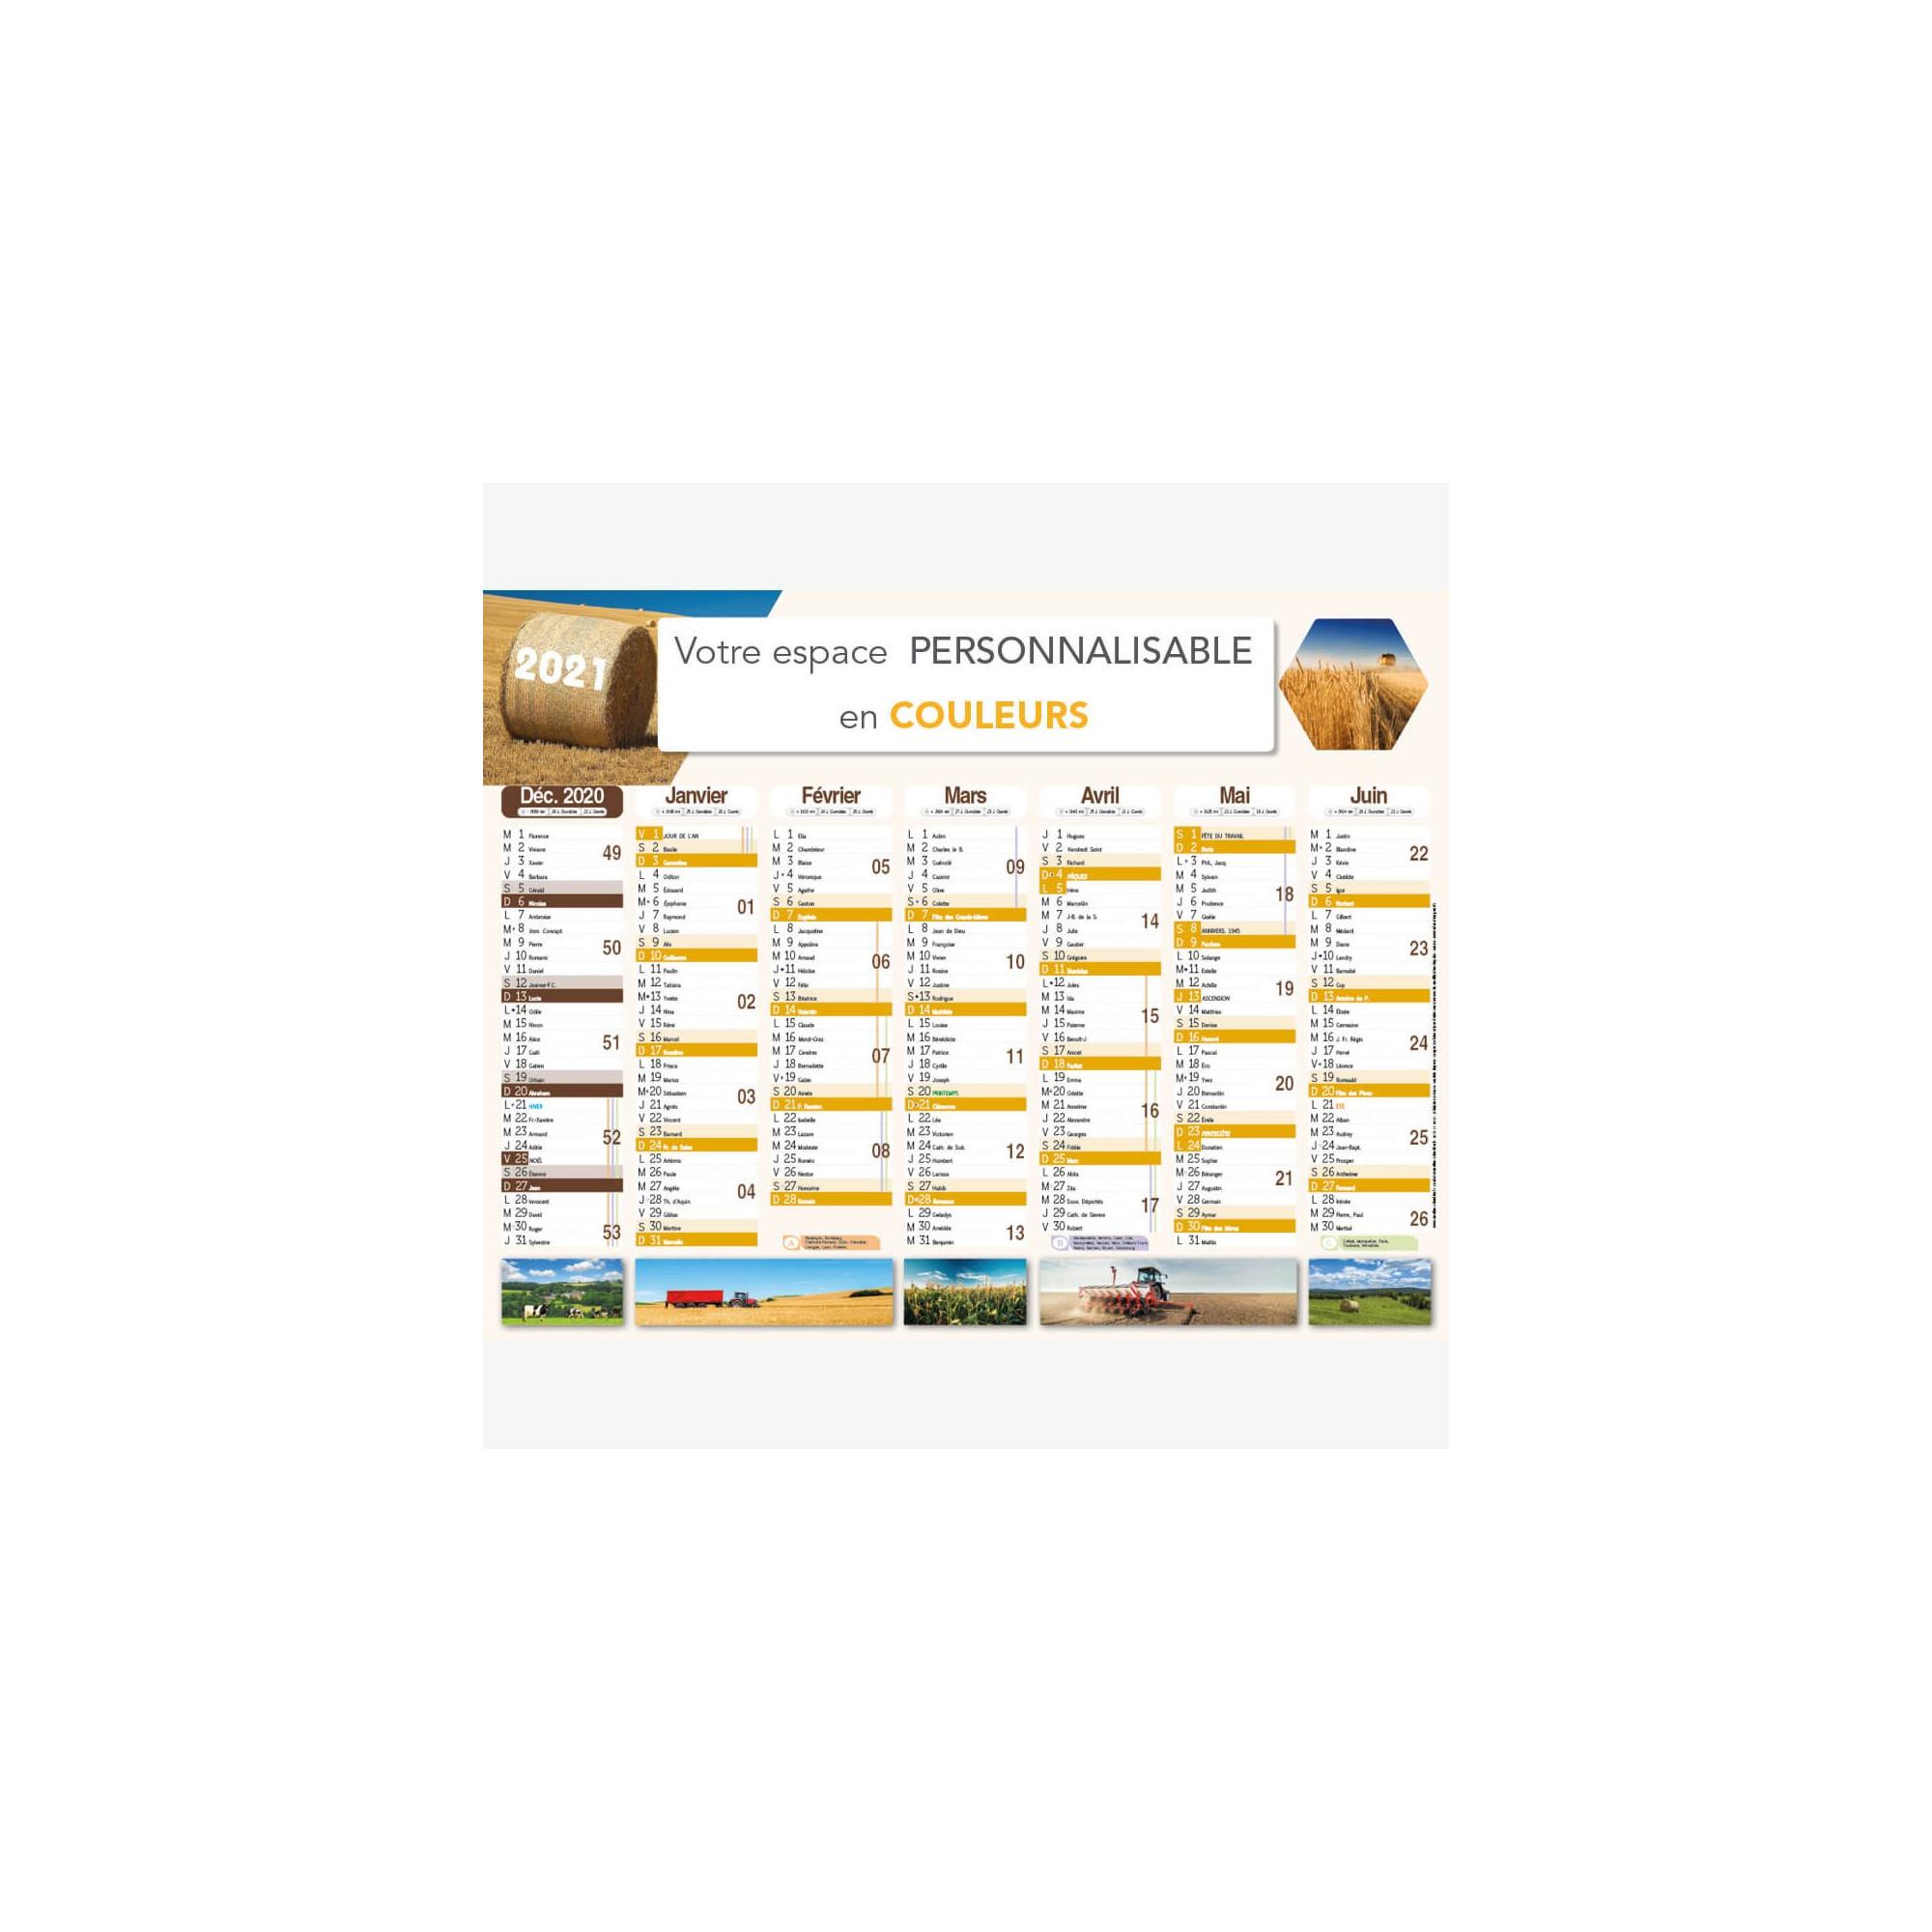 Calendrier bancaire 2021 personnalisé AGRICULTURE - 54x42 cm ou 43x33 cm ou 21x27 cm